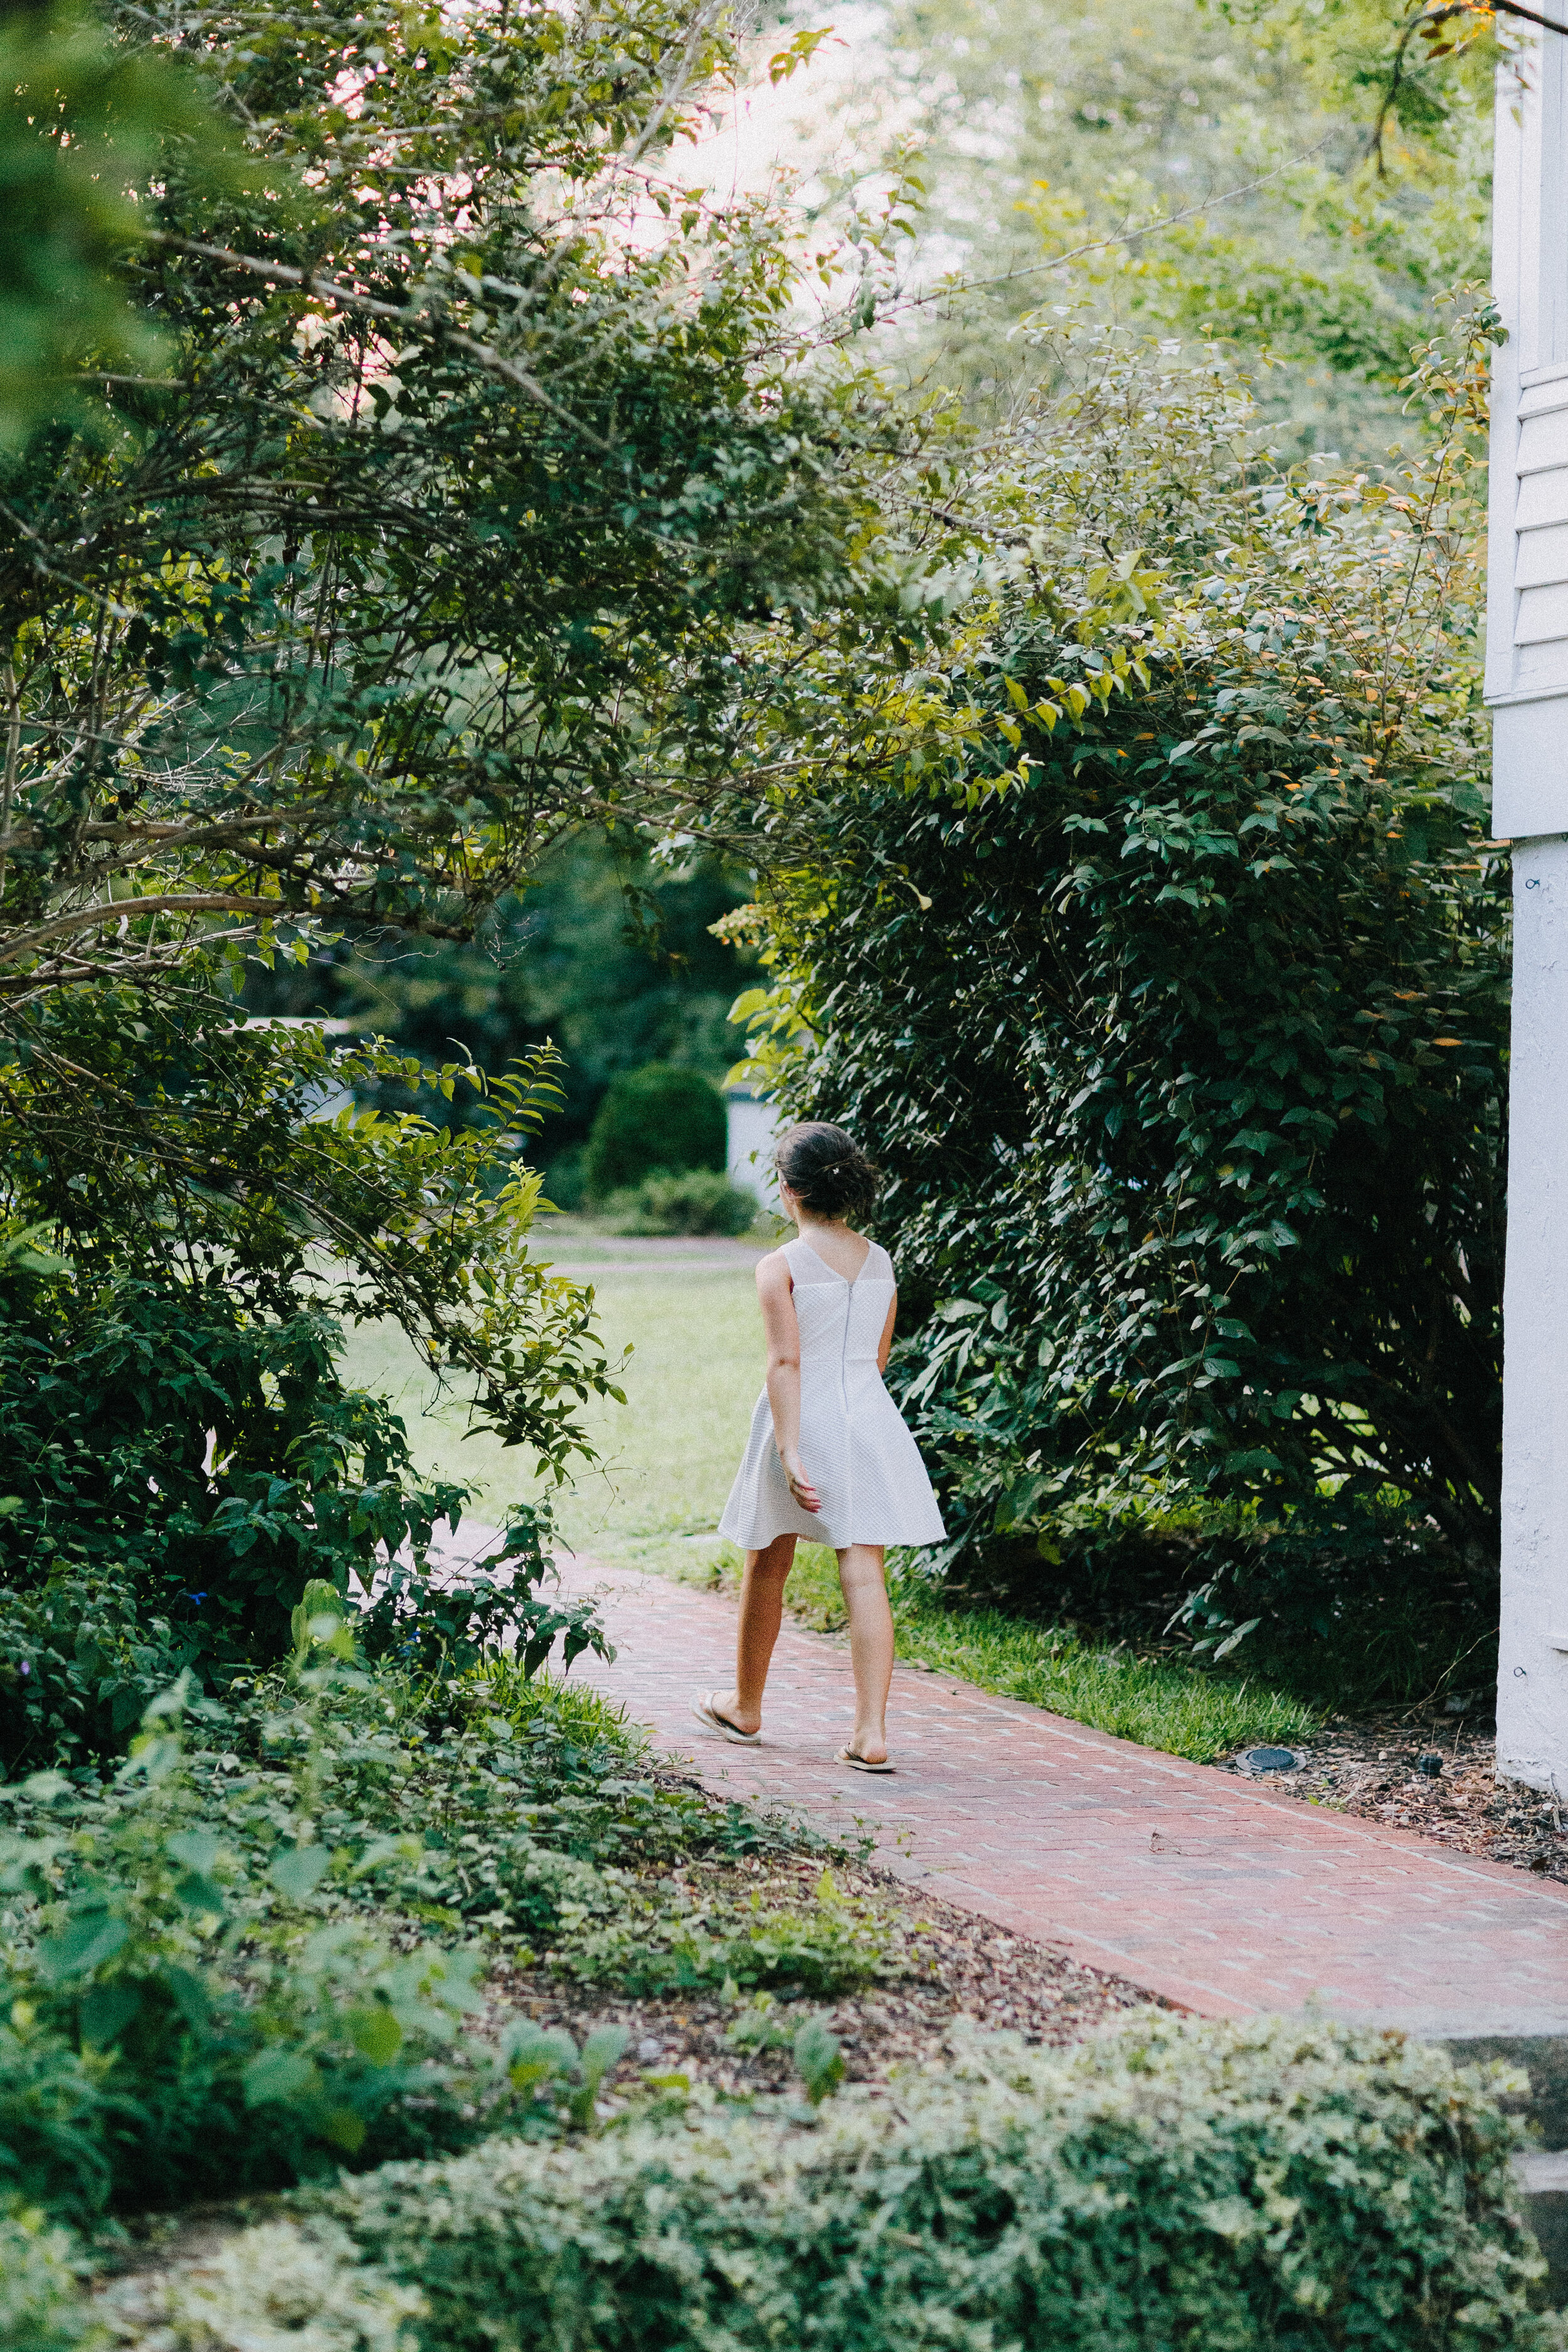 serenbe_forest_summer_wedding_farmhouse_guest_house_garden_3073.jpg